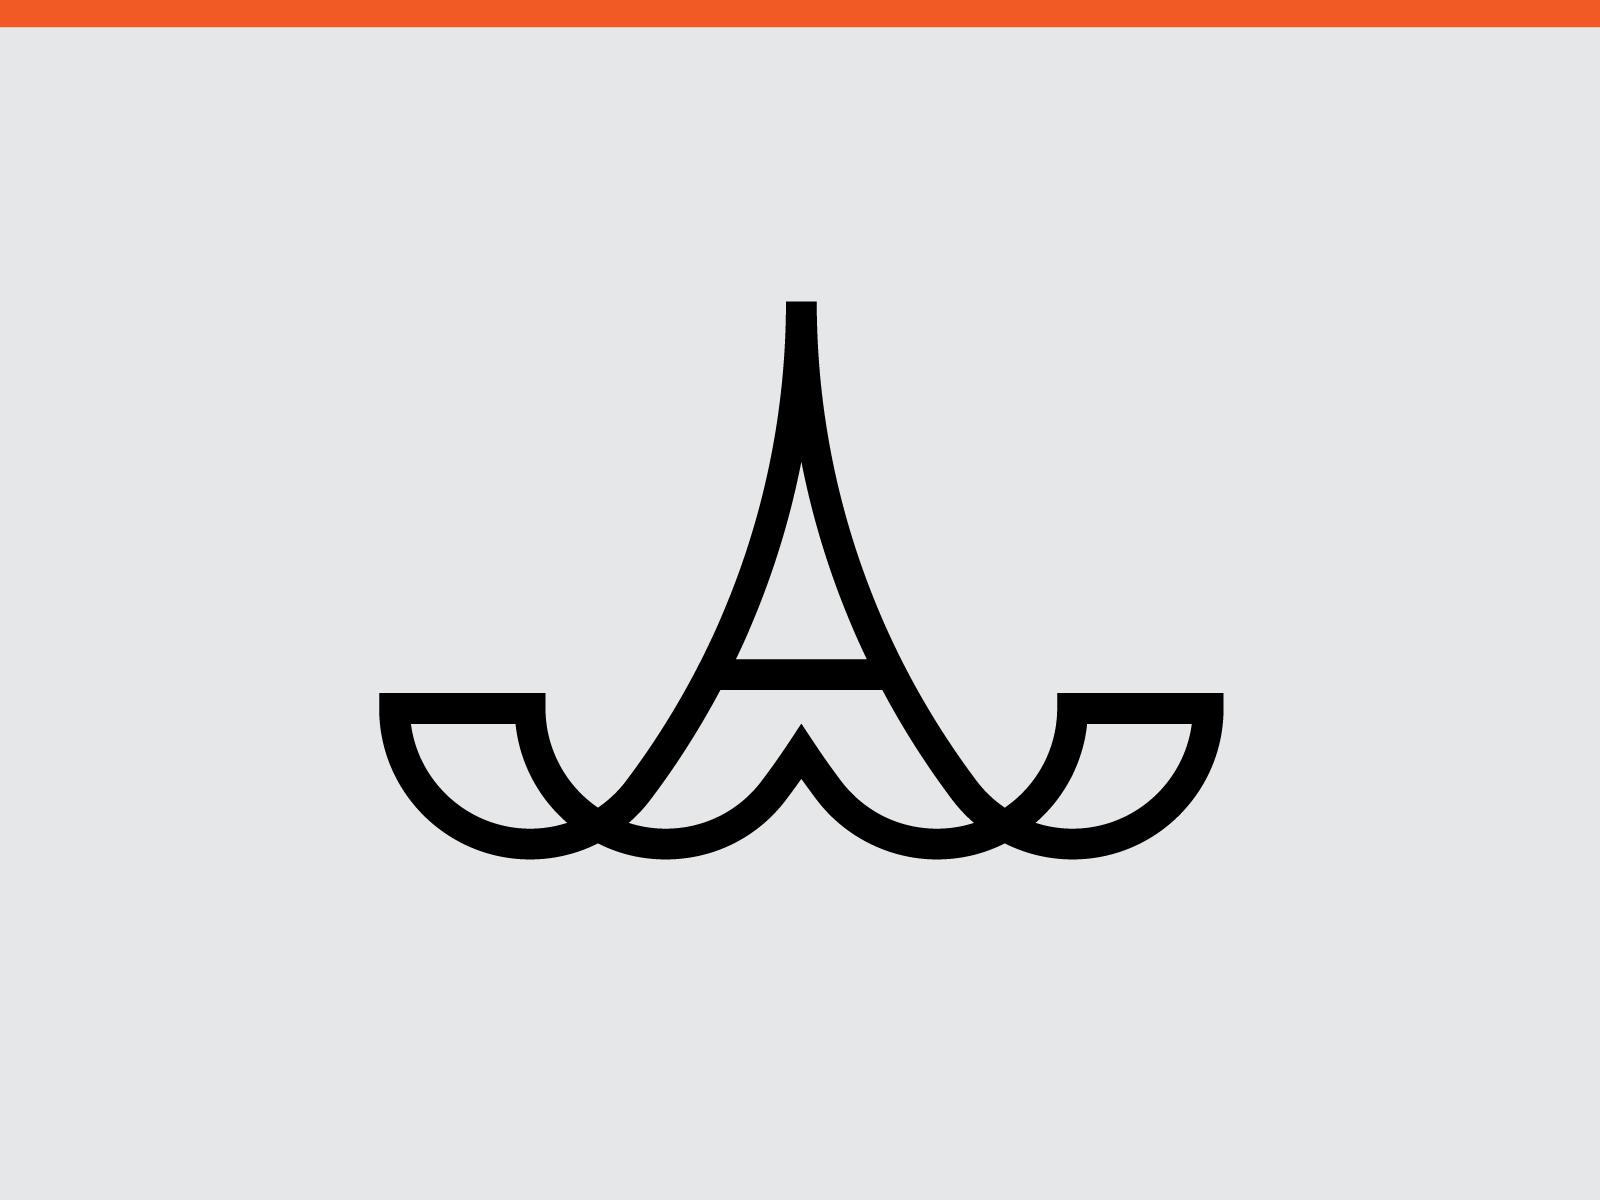 A Series Logomark 02 By Alex Amaya Gaming Logos Logos Atari Logo